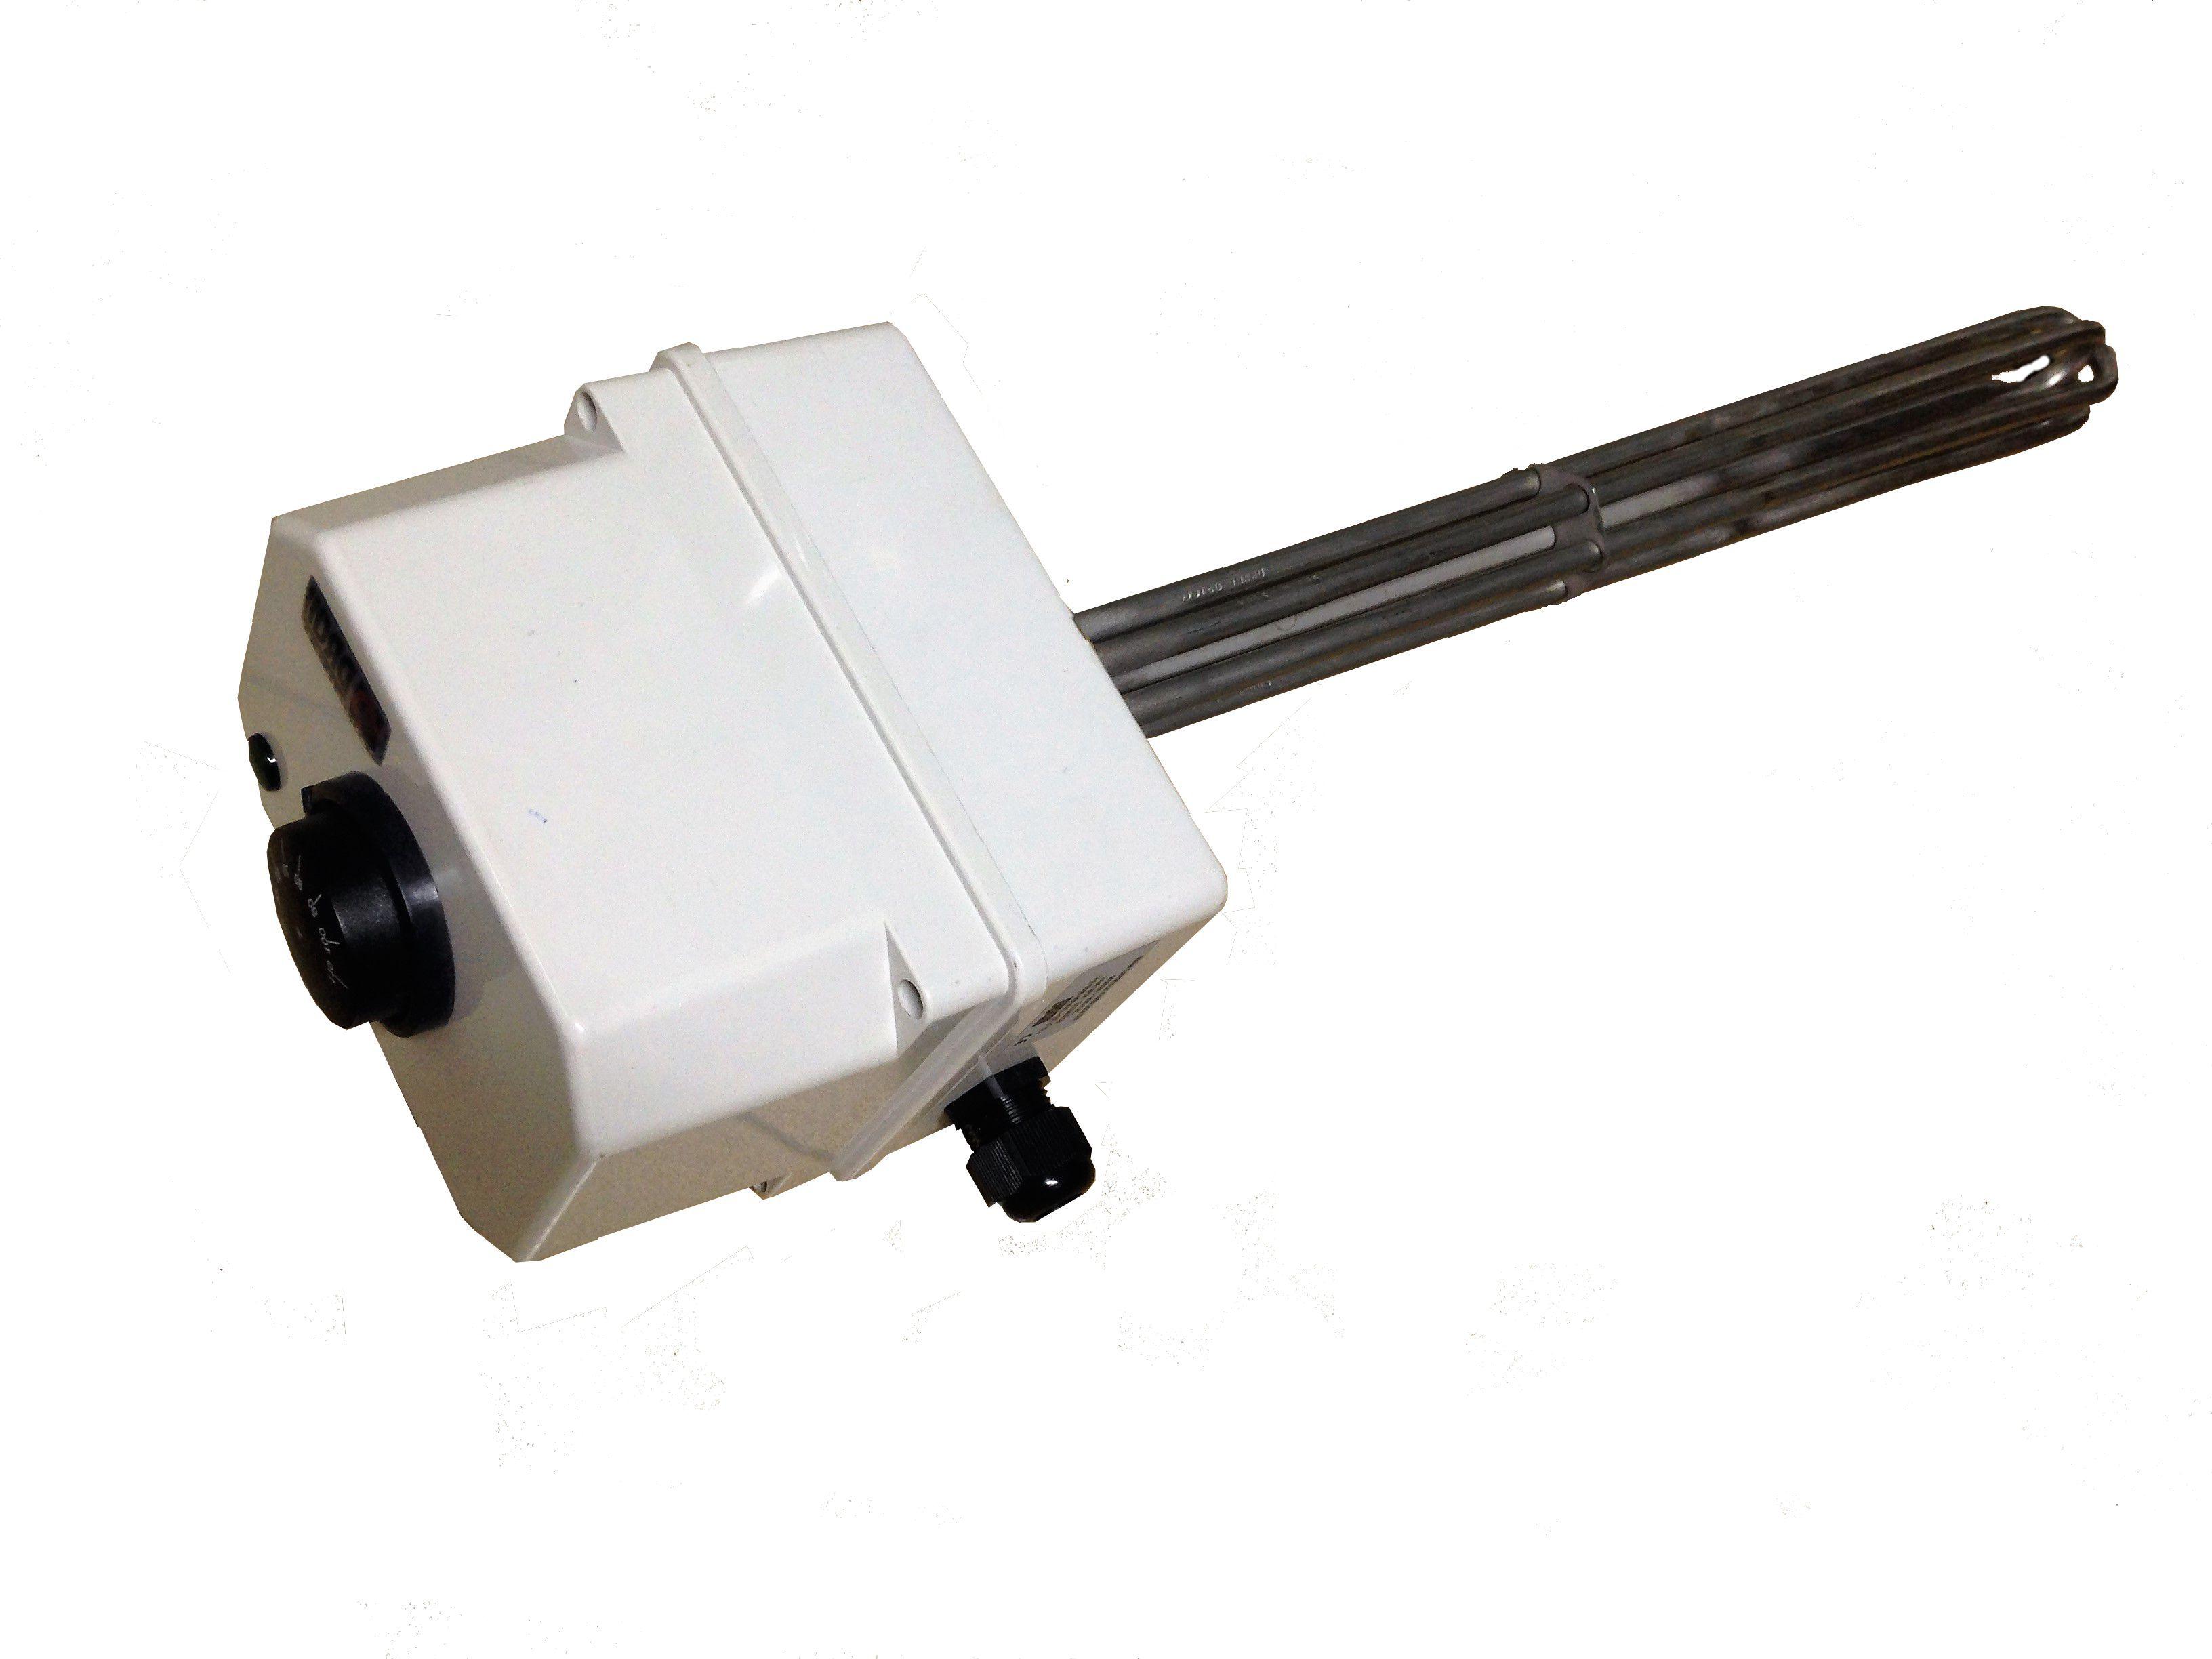 """Ηλεκτρική μονάδα 400 V/3~ G1 ½"""" για boiler ΑΗΘ (6-9 kW)"""